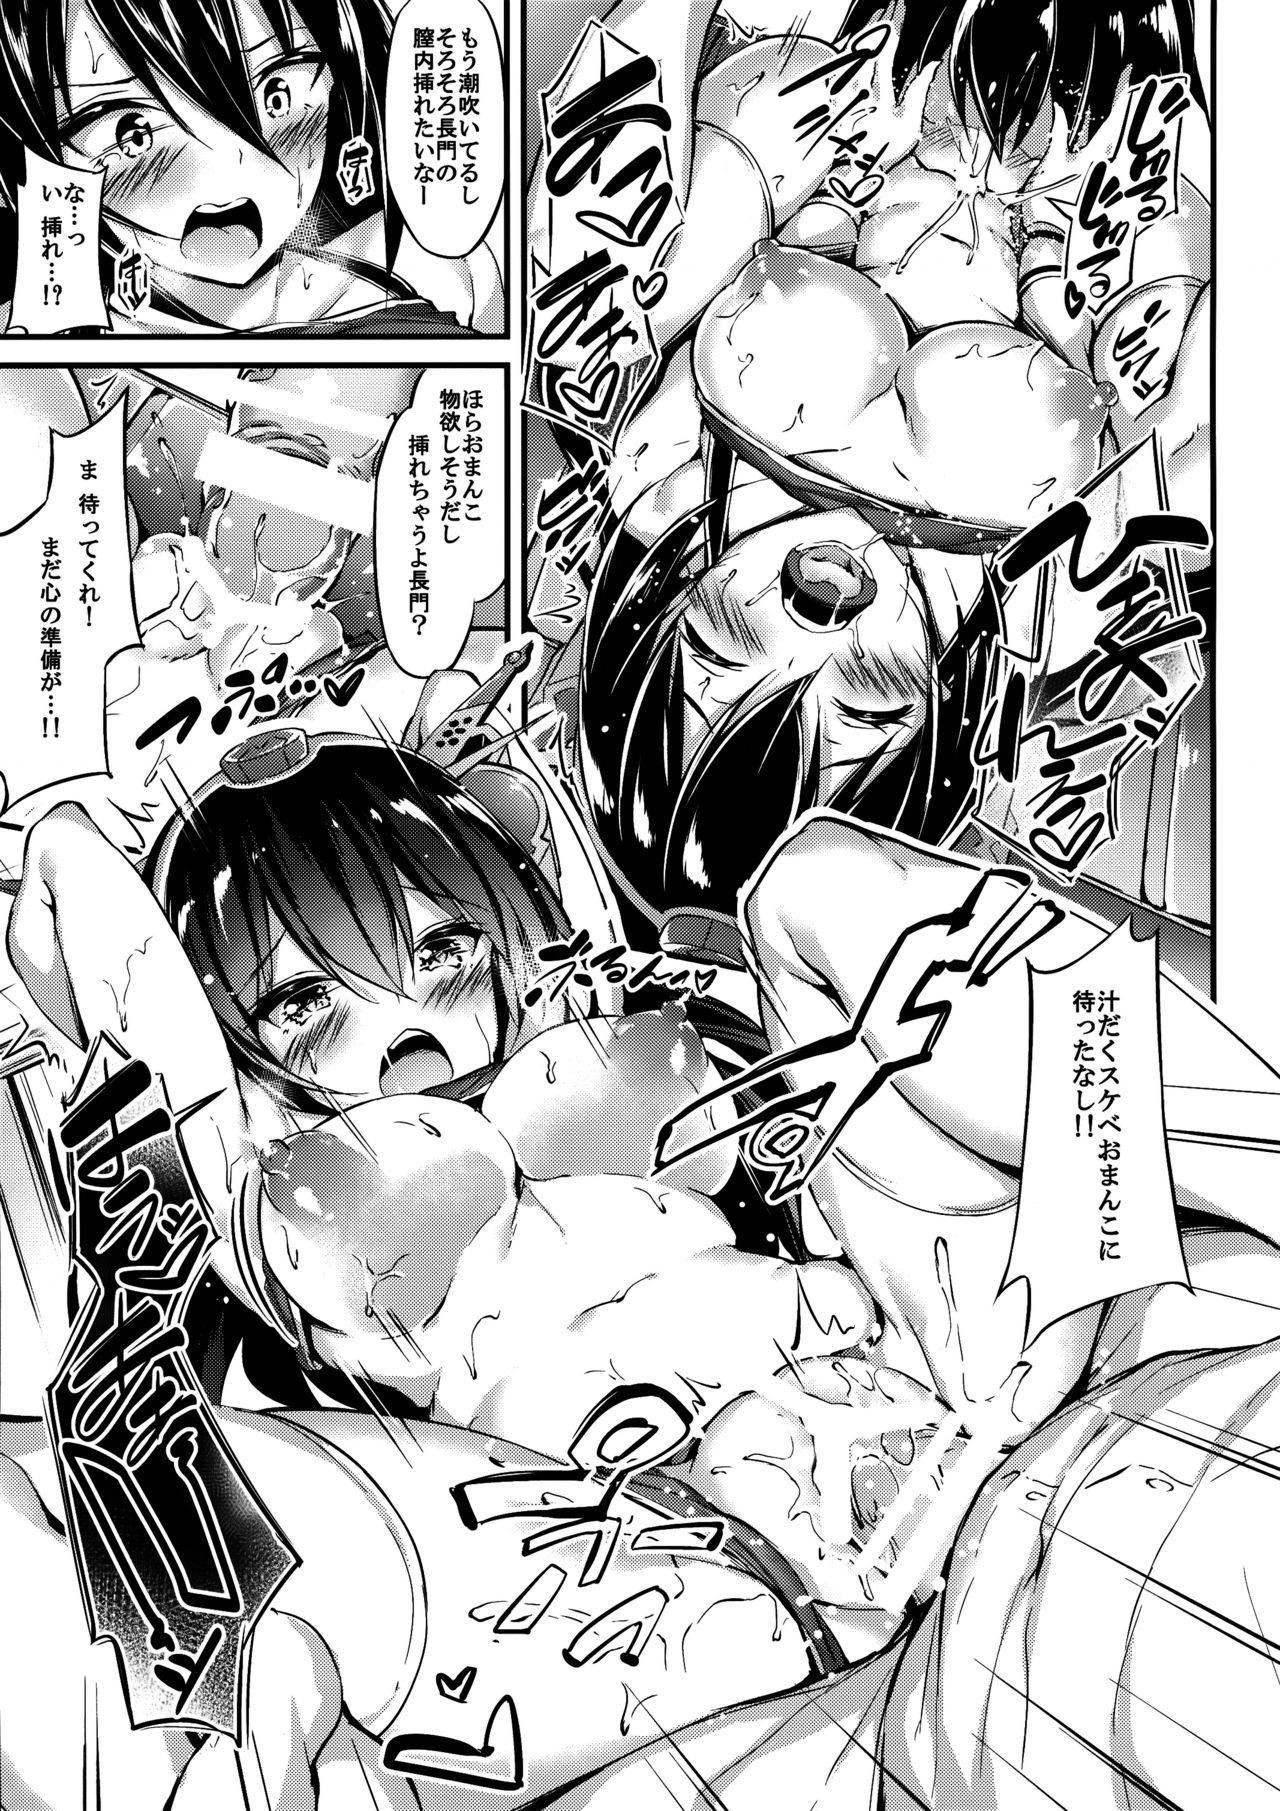 Rikusepa Senkan Nagato mo Otome o Yumemitai + Omake 11